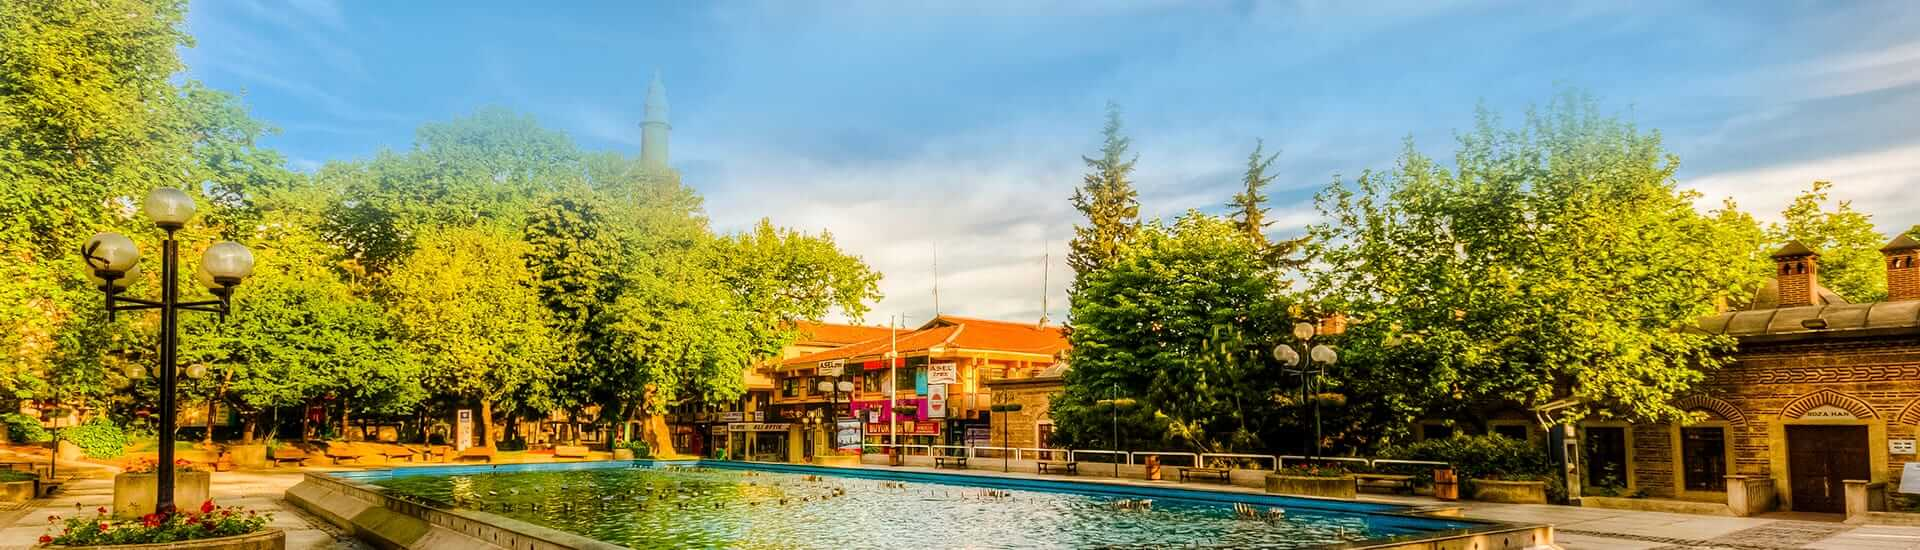 Mustafakemalpaşa (Bursa)